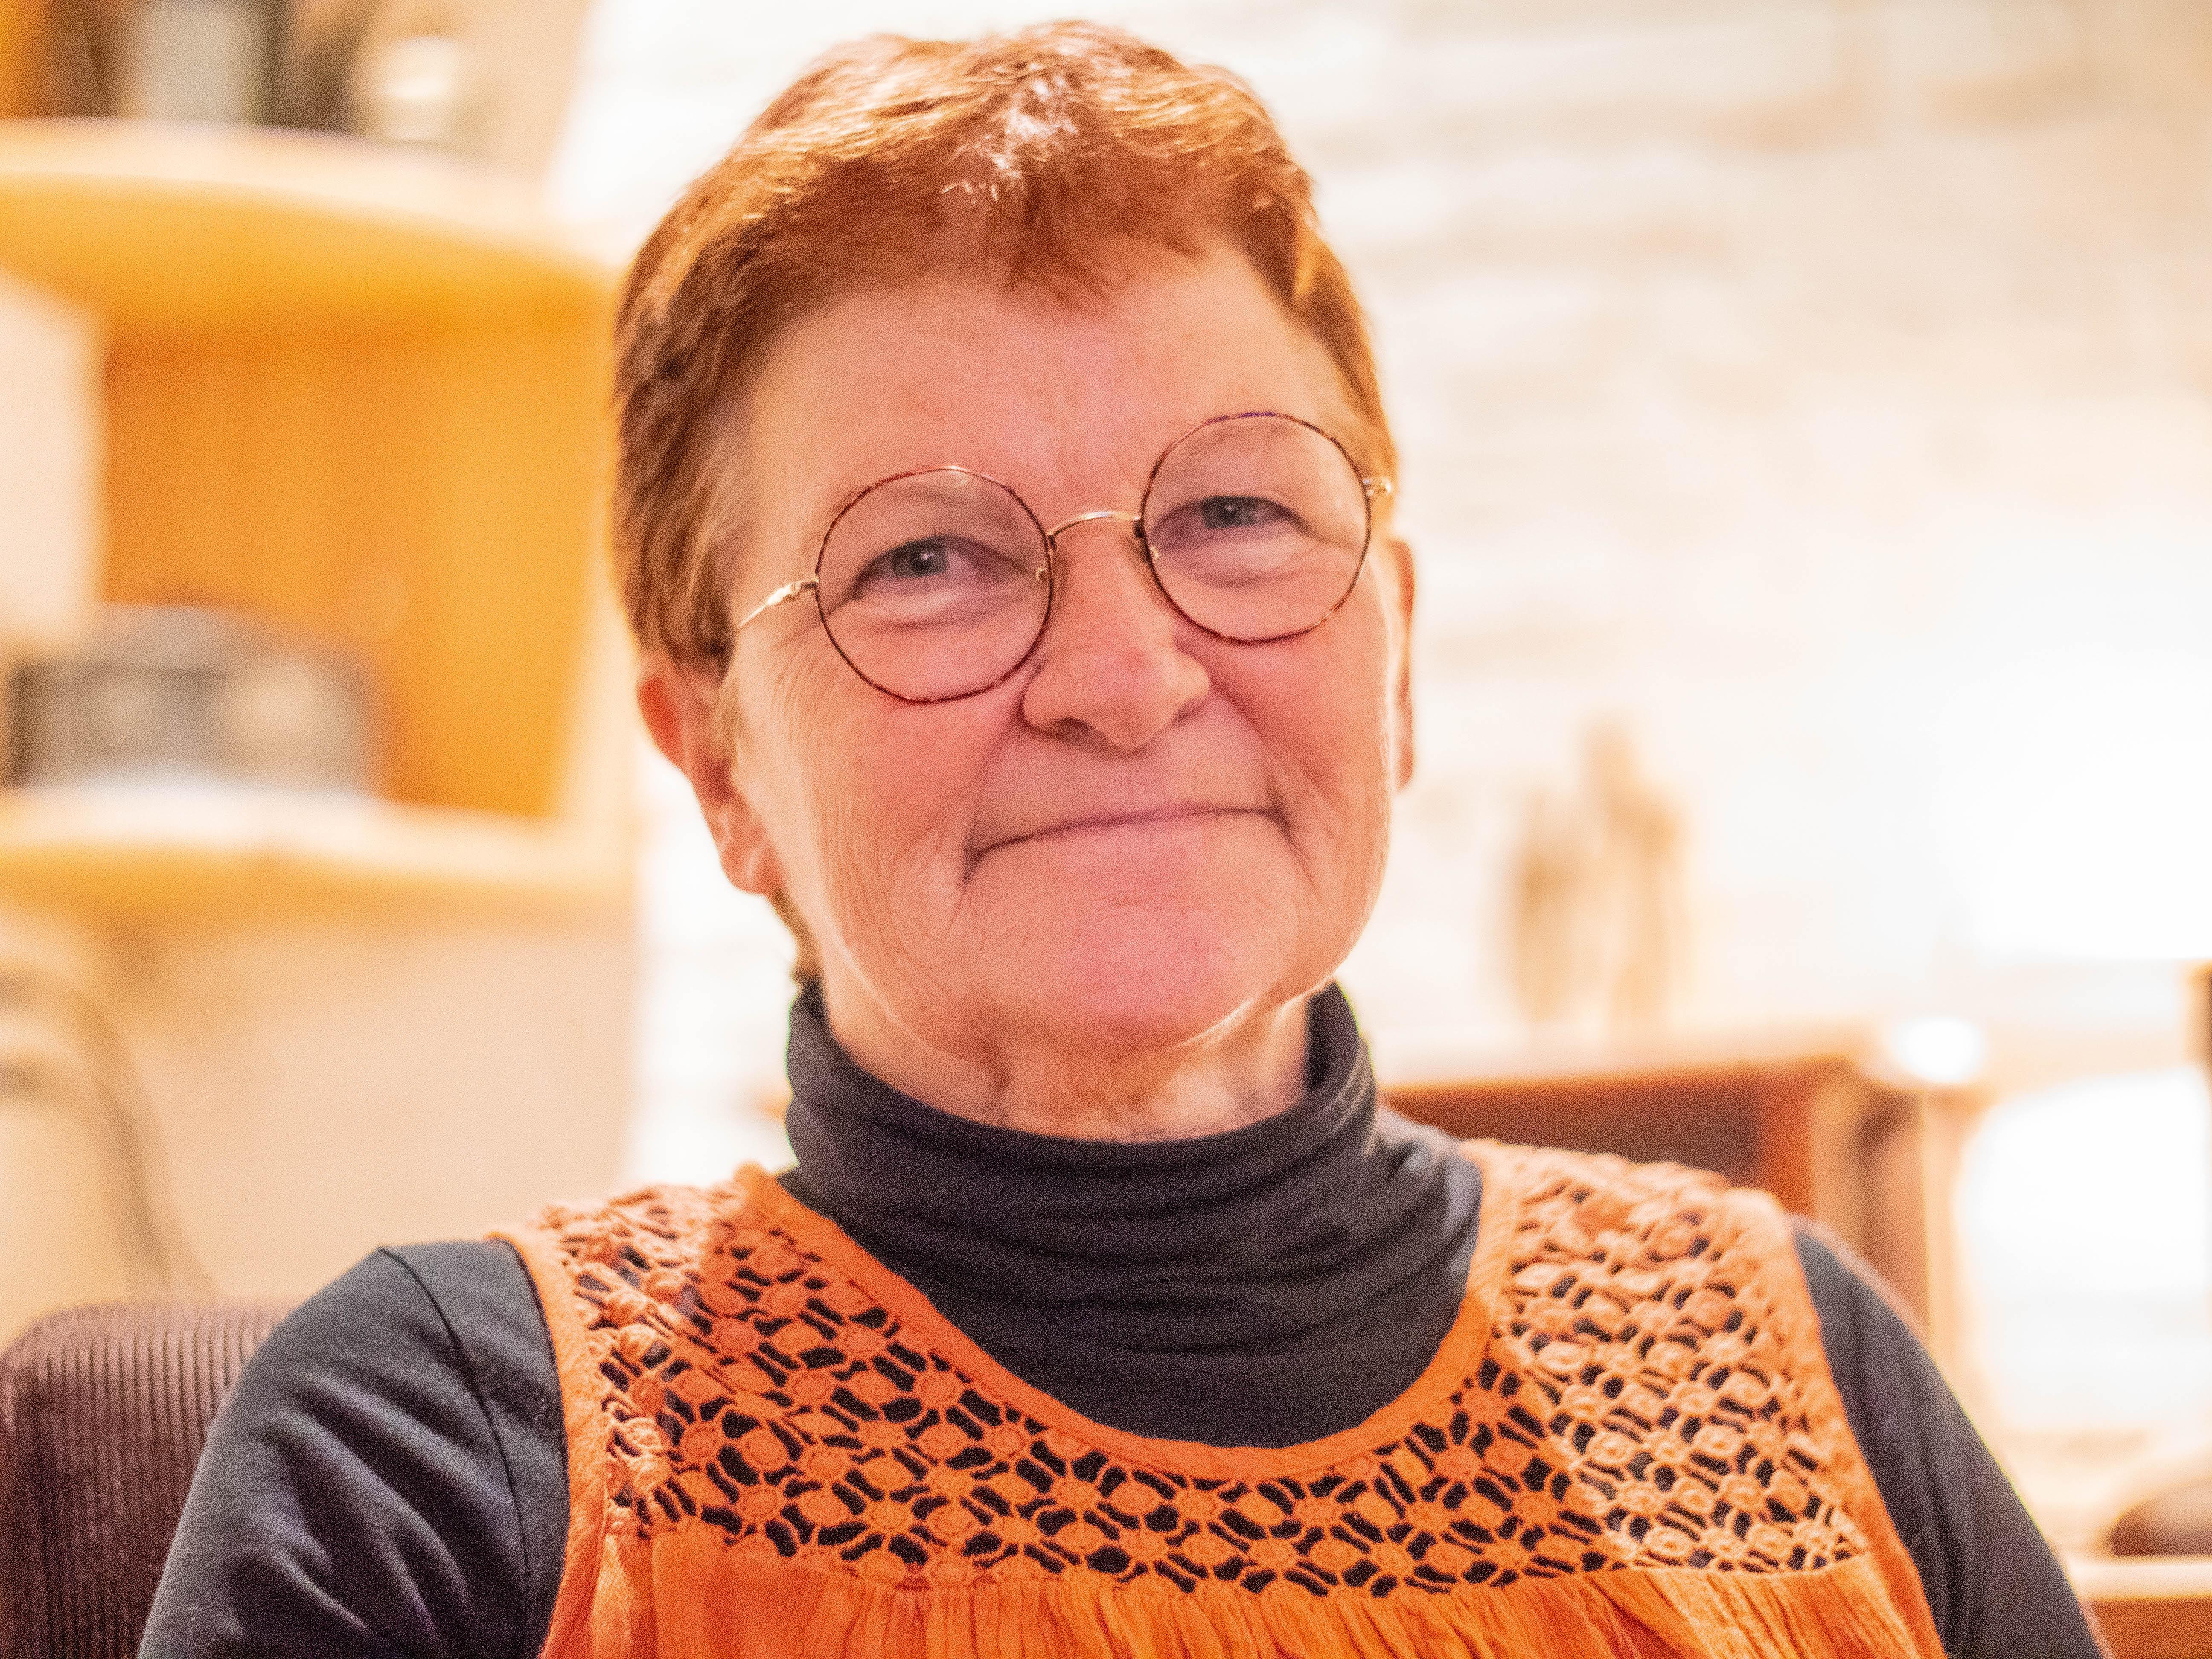 In de 'Oude Slagerij Kees Ruiter' hangen de potlood- en viltstifttekeningen van Margriet Nannes-Stam over 'Landleven'